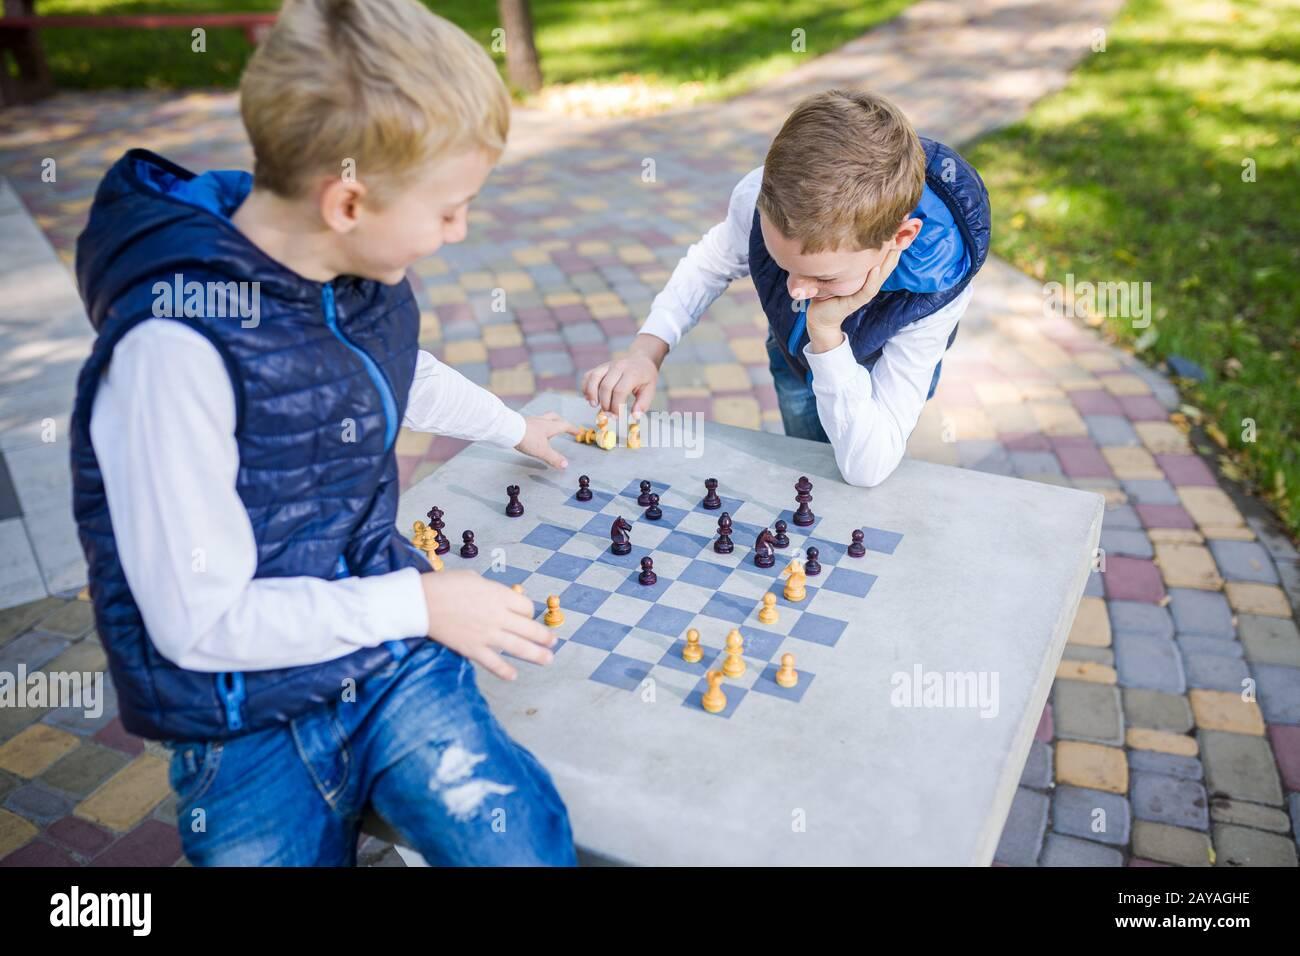 Das Thema ist das Lernen von Kindern, logische Entwicklung, mentologische Mathematik, Fehlkalkulation bewegt den Fortschritt. Große Familie zwei Brüder kaukasisch Stockfoto